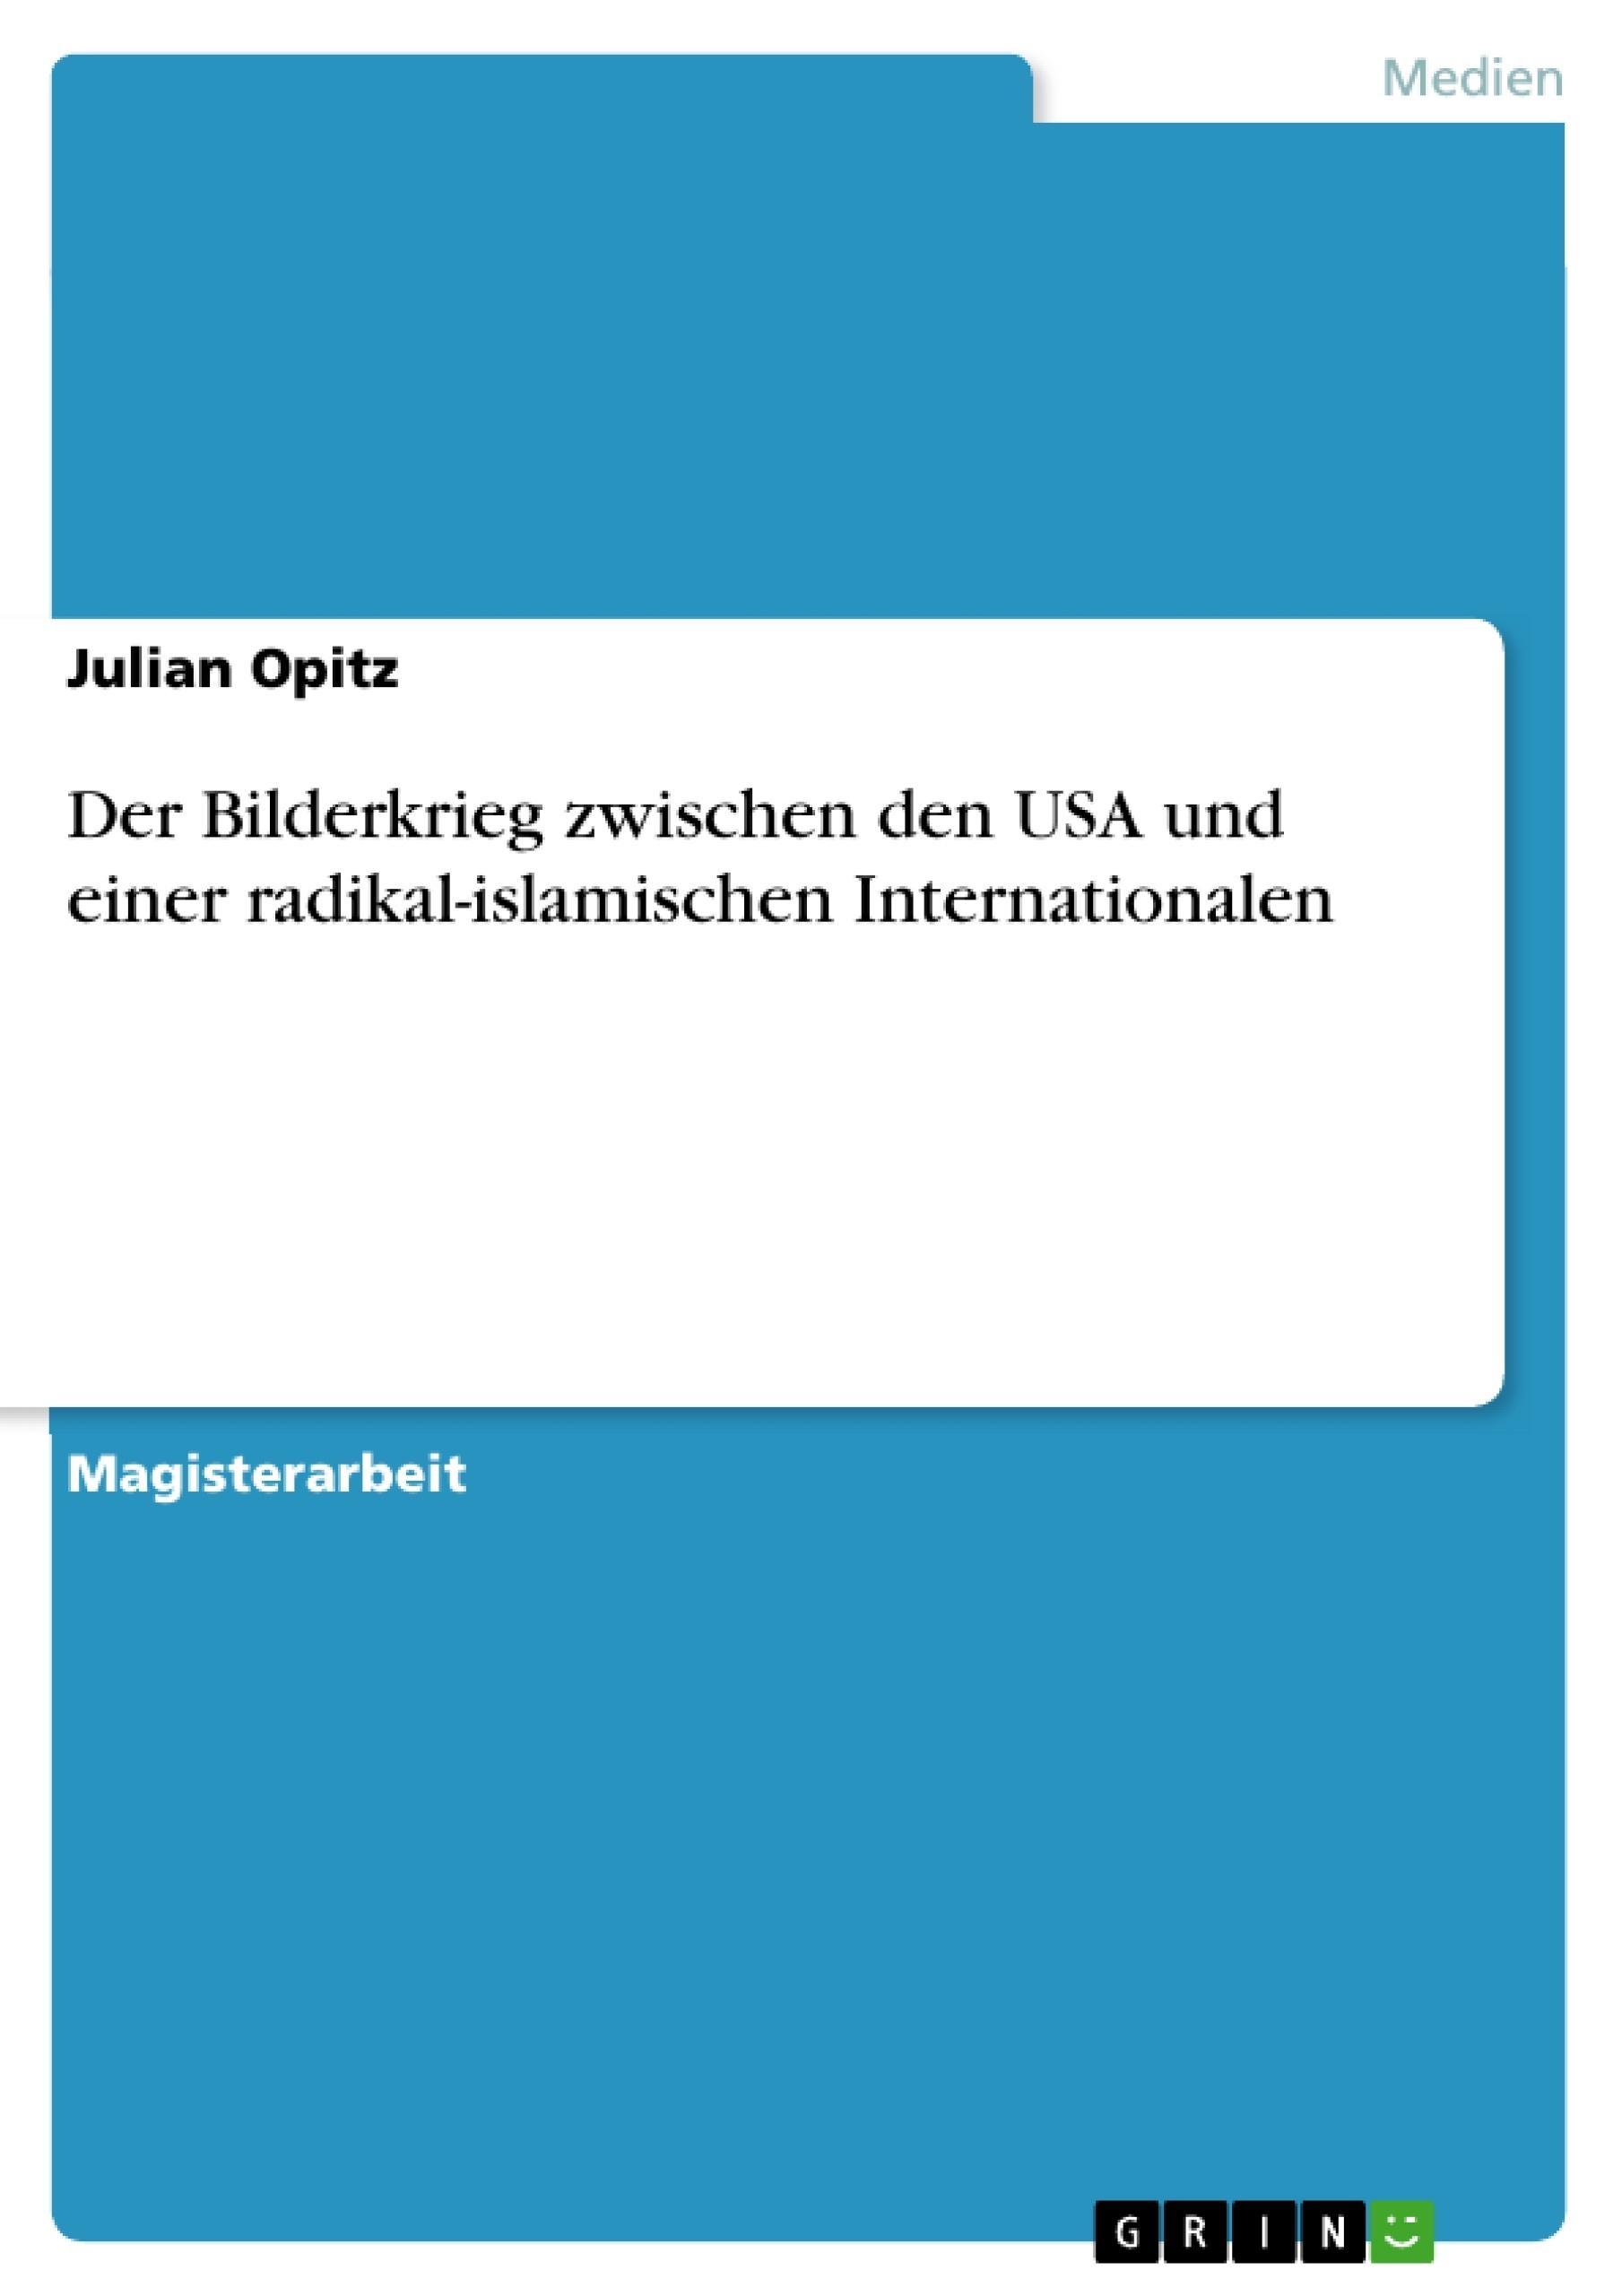 Titel: Der Bilderkrieg zwischen den USA und einer radikal-islamischen Internationalen